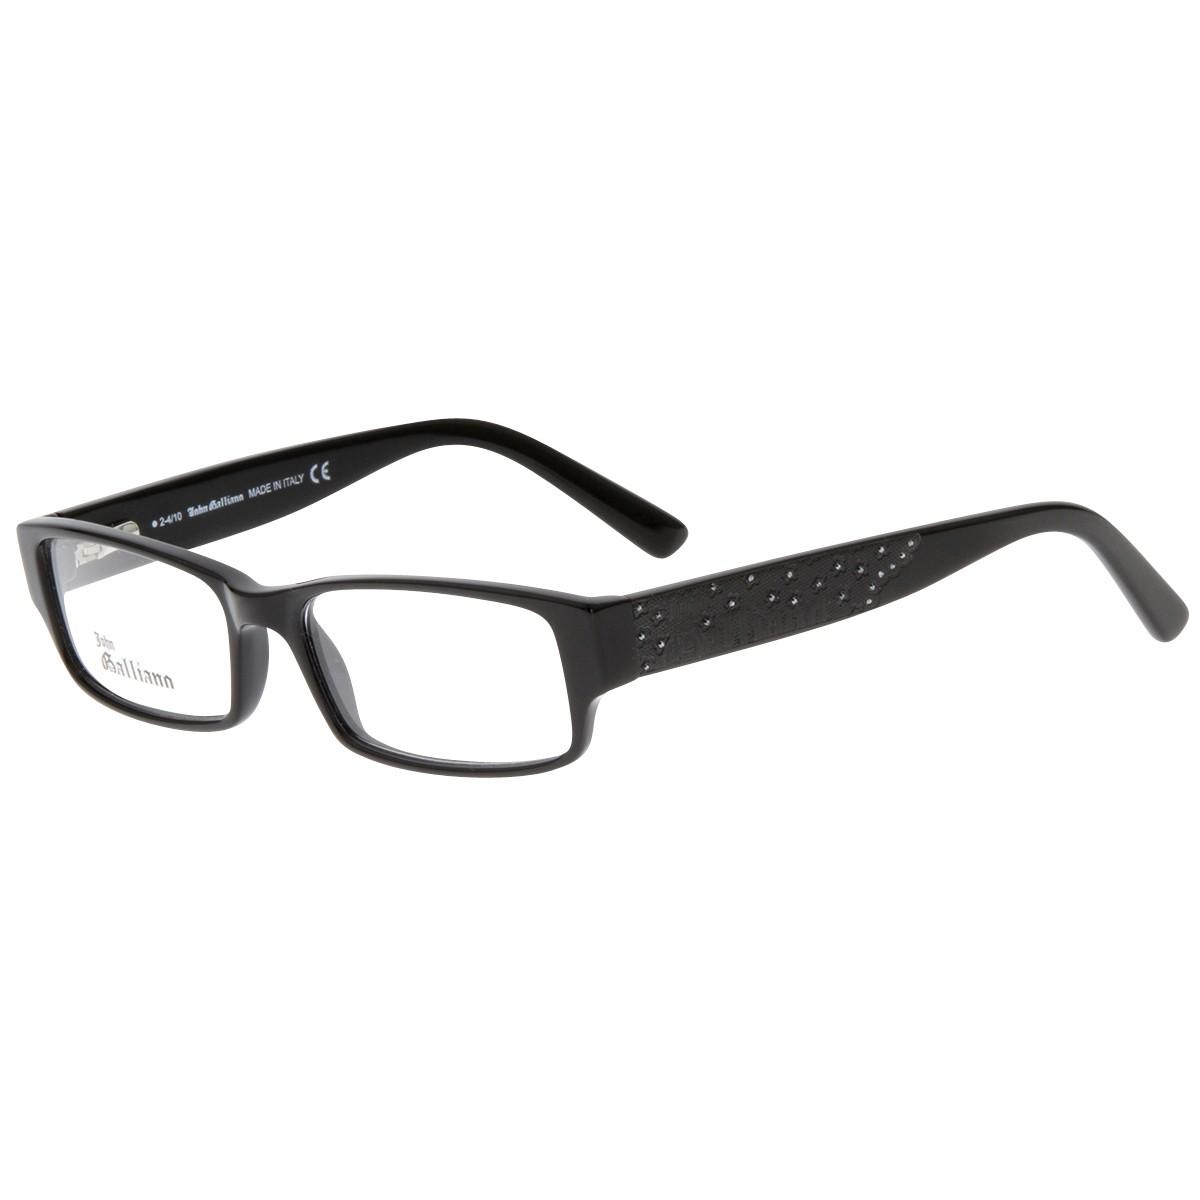 c2eca784853 Men s Optical Frames JOHN GALLIANO. Eyeglasses JOHN GALLIANO.